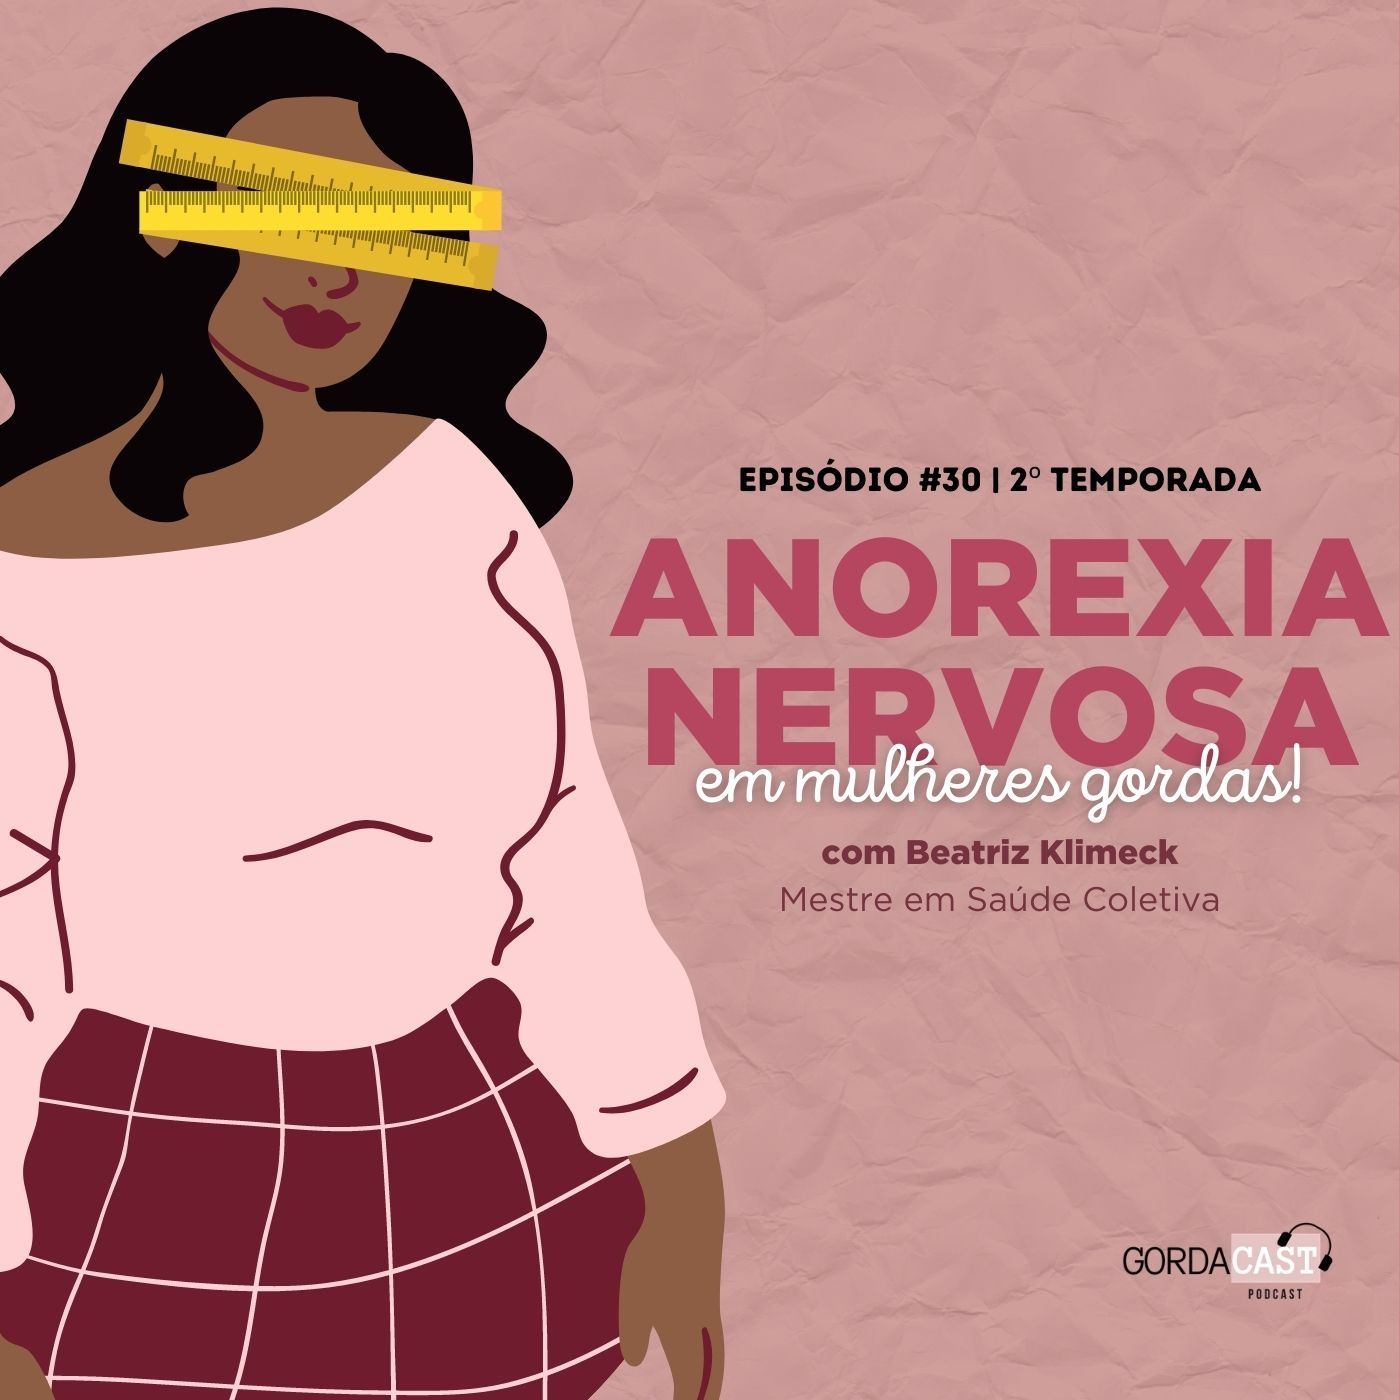 GordaCast #30   Anorexia nervosa em mulheres gordas com Mestre em Saúde Coletiva Beatriz Klimeck